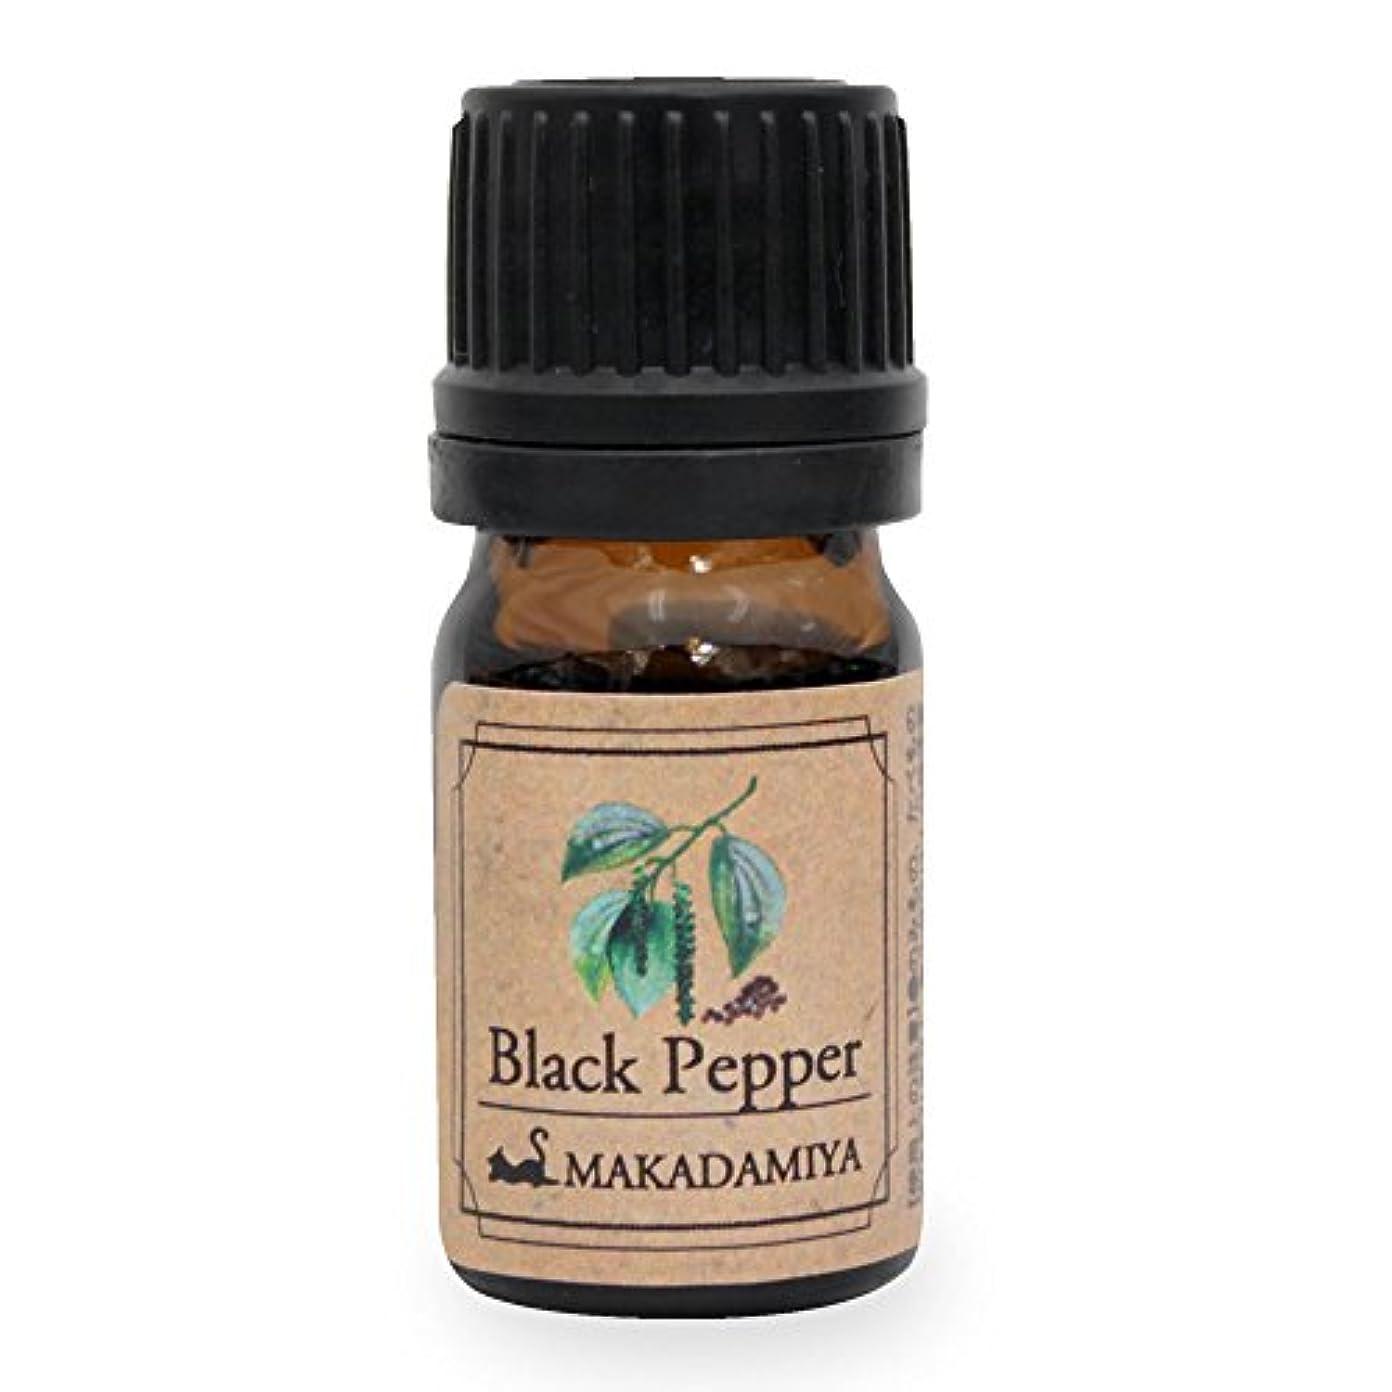 共感する未来拒絶ブラックペッパー5ml 天然100%植物性 エッセンシャルオイル(精油) アロマオイル アロママッサージ aroma Black Pepper